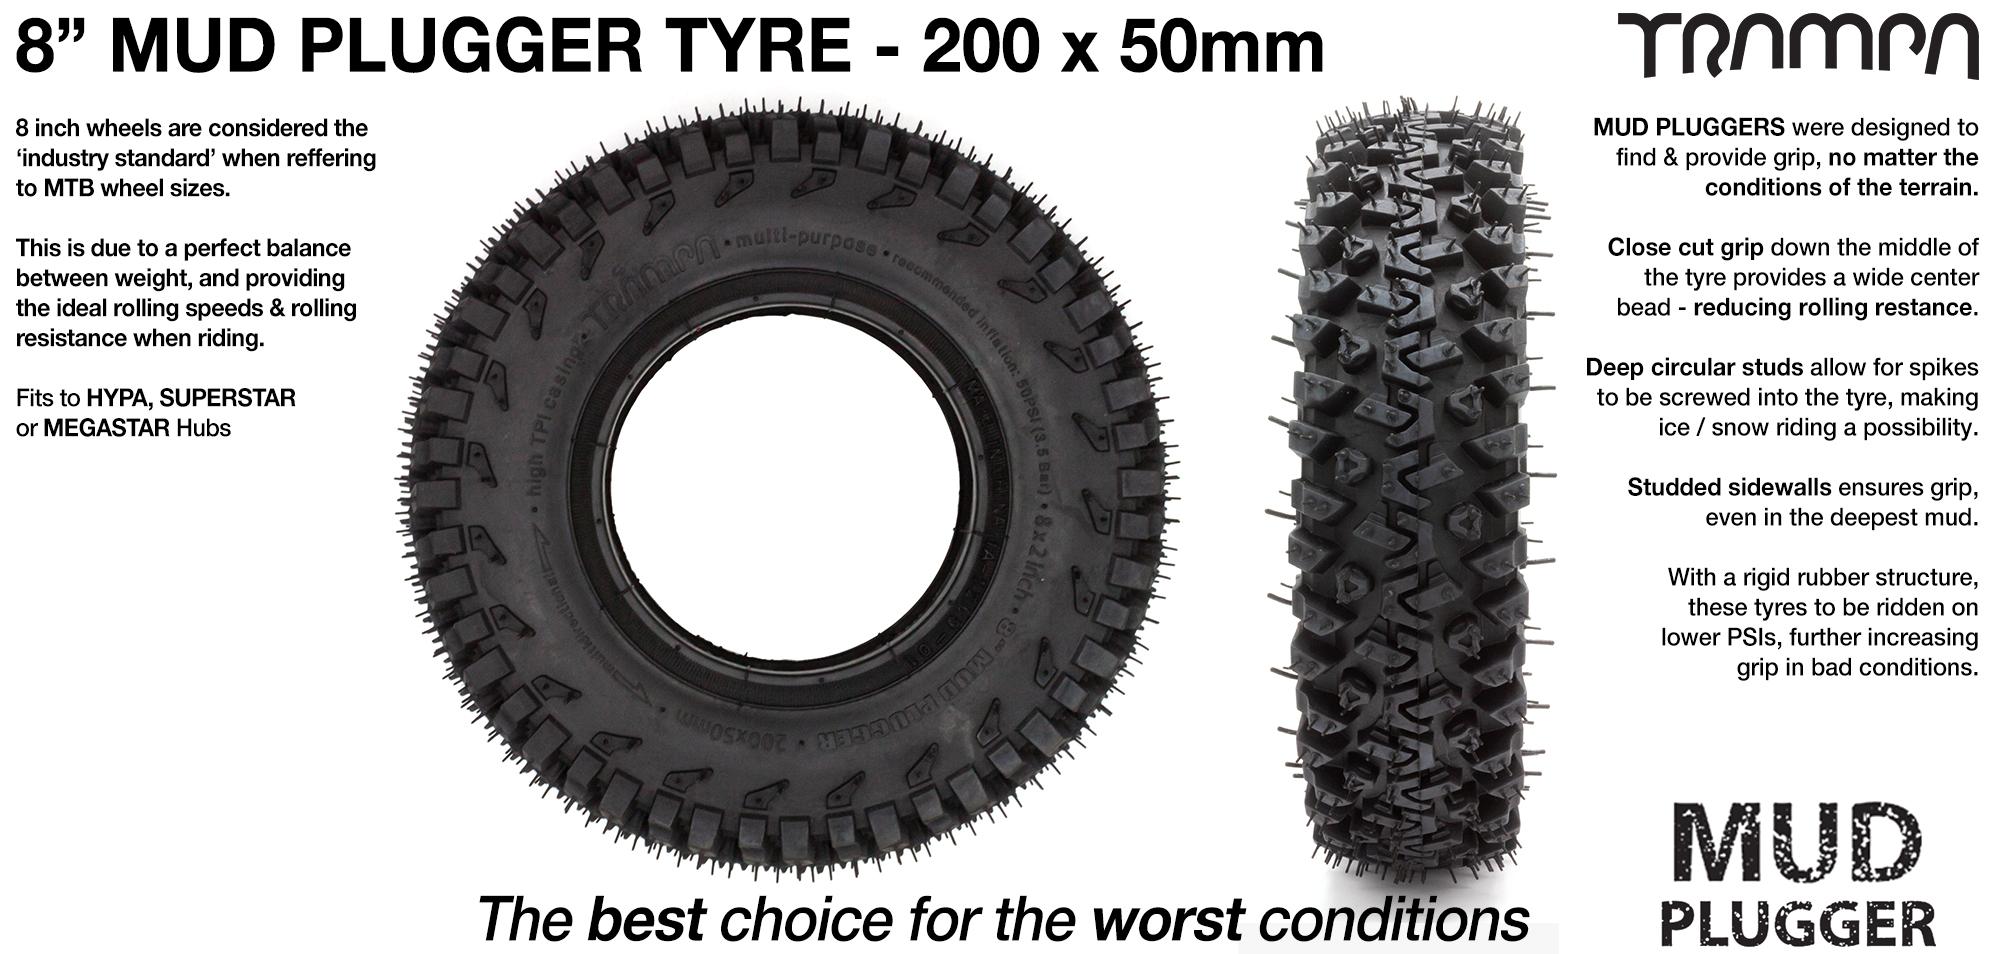 Inova Tore innova mudplugger 8 inch packed dirt tyre